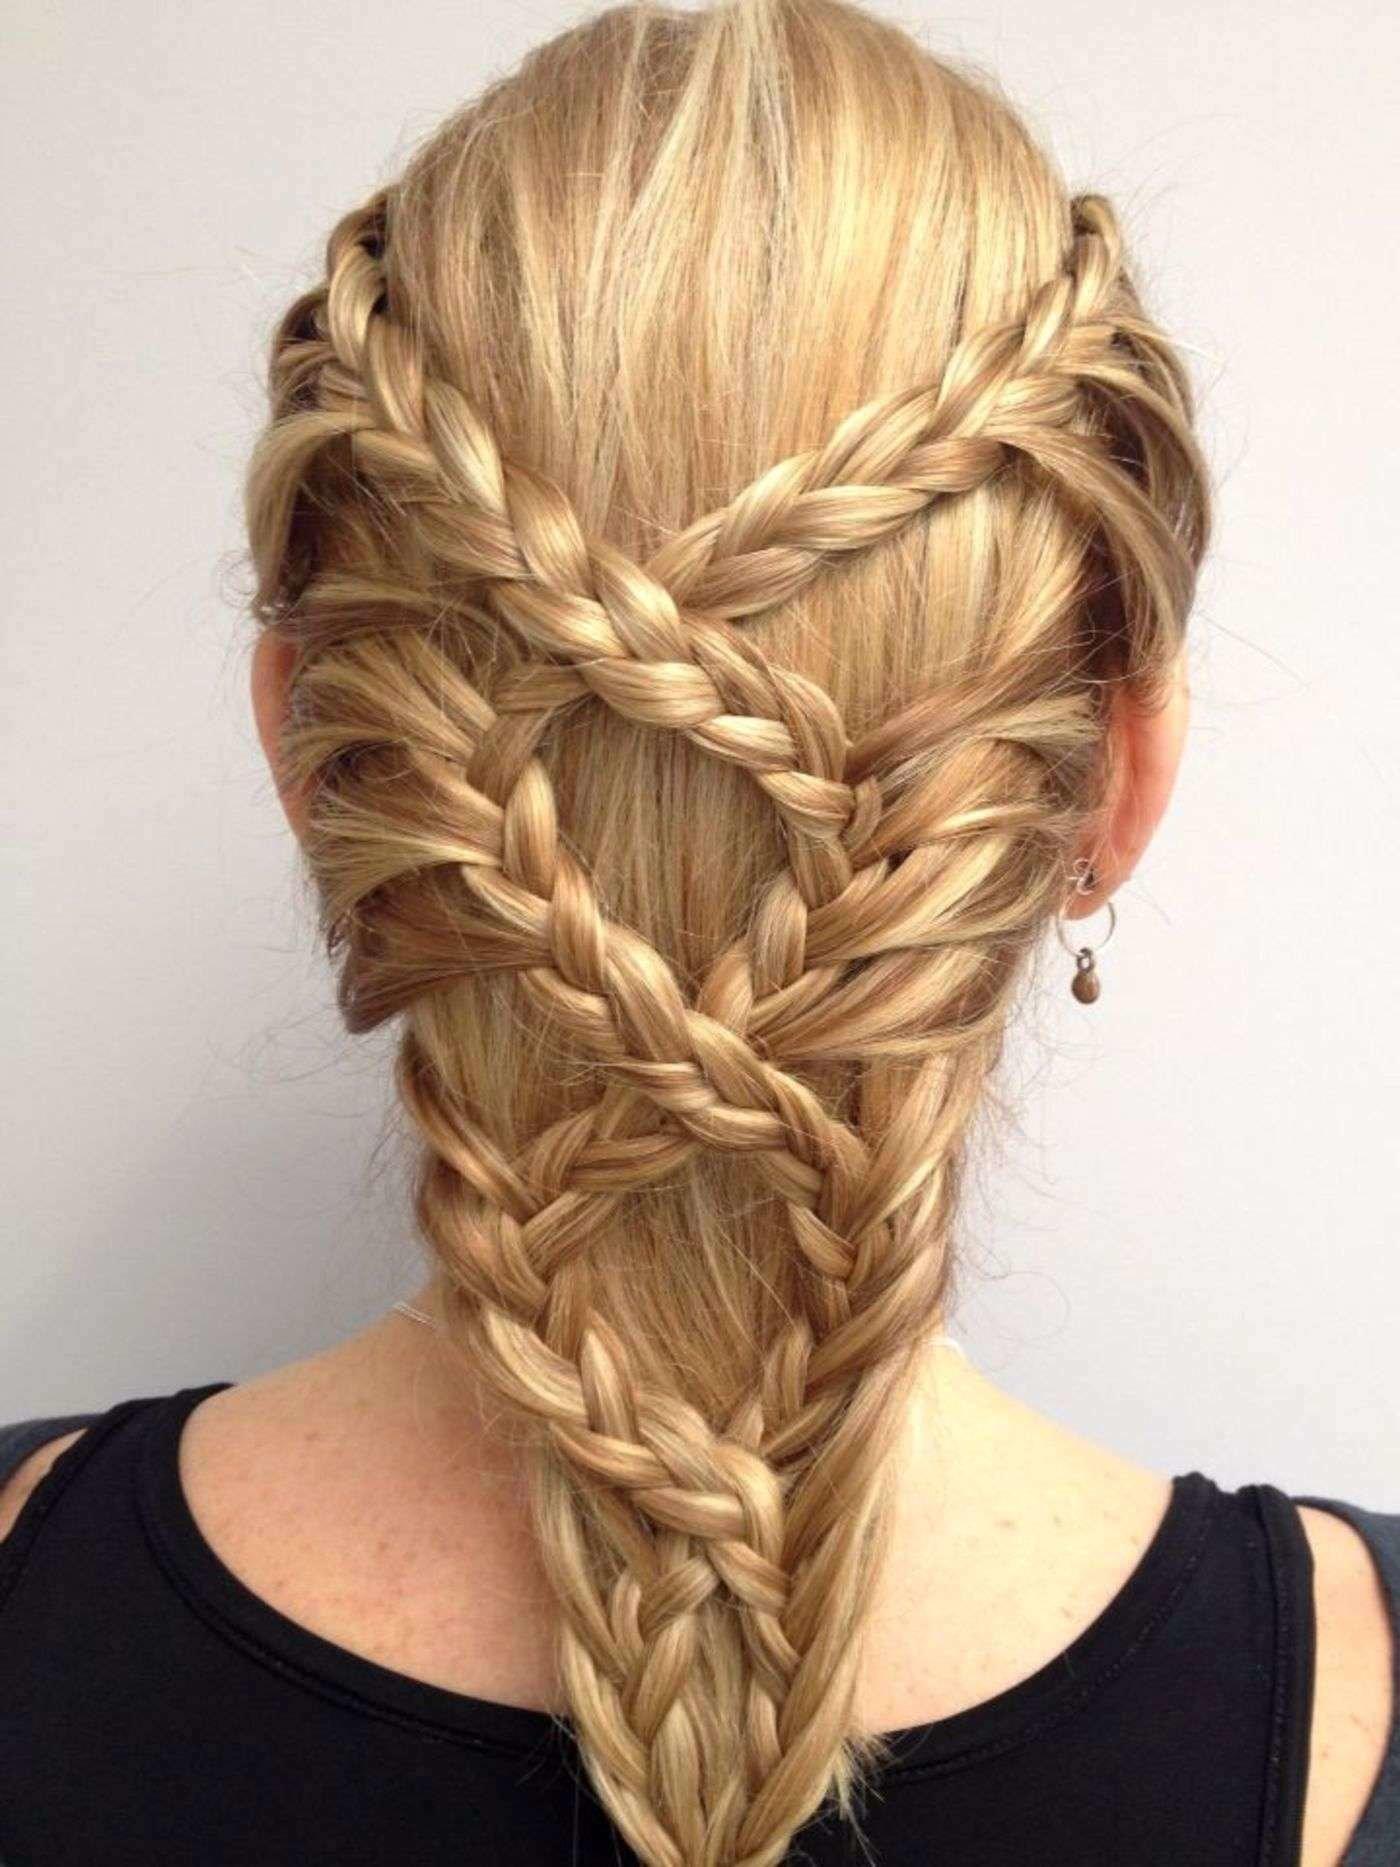 найти картинки косичек из волос стилистики штор шторы